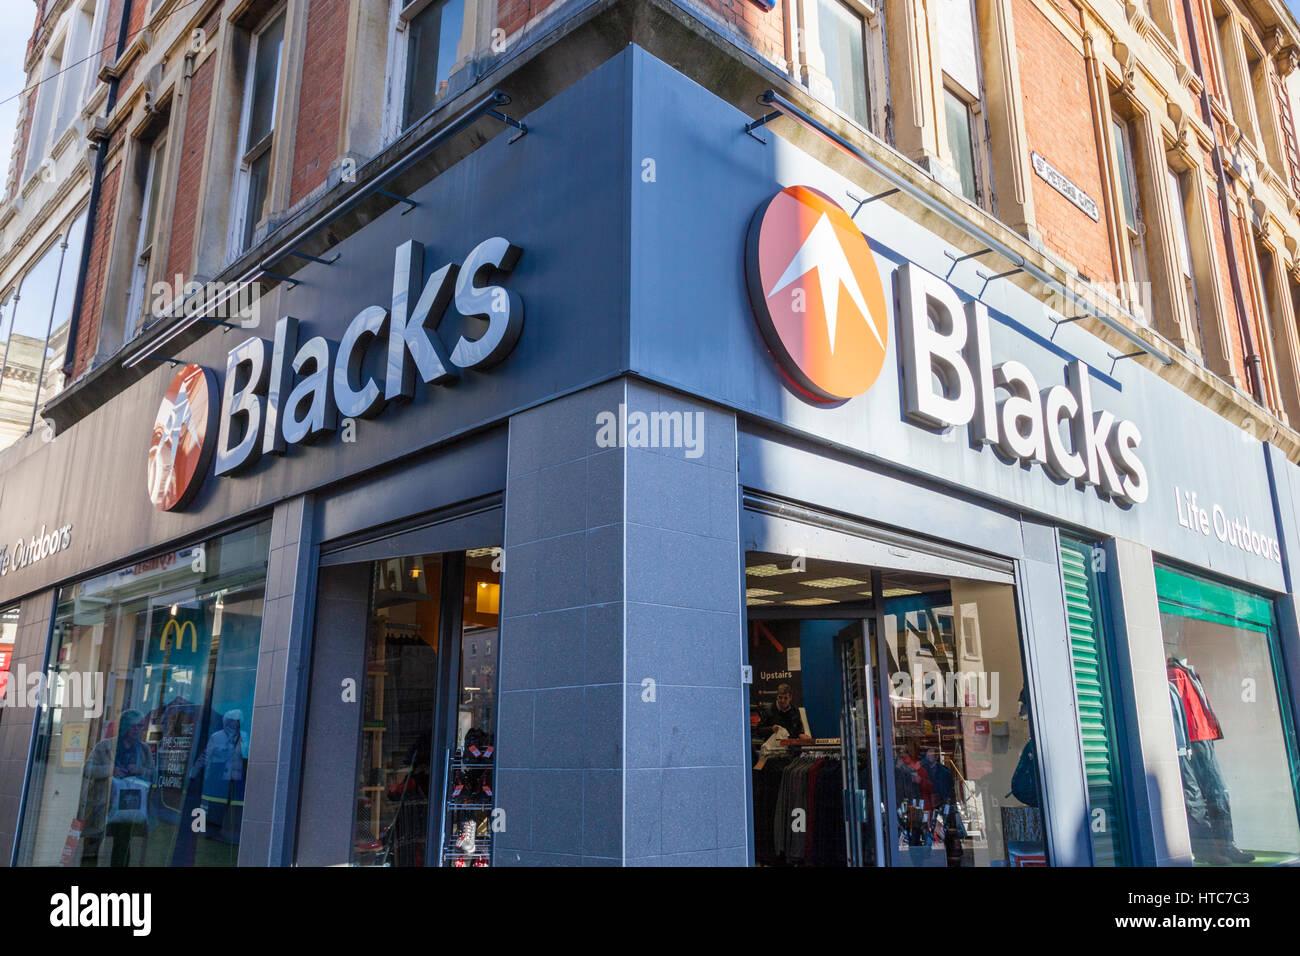 Los negros de ropa de calle y tienda de acampar, Nottingham, Inglaterra, Reino Unido. Imagen De Stock